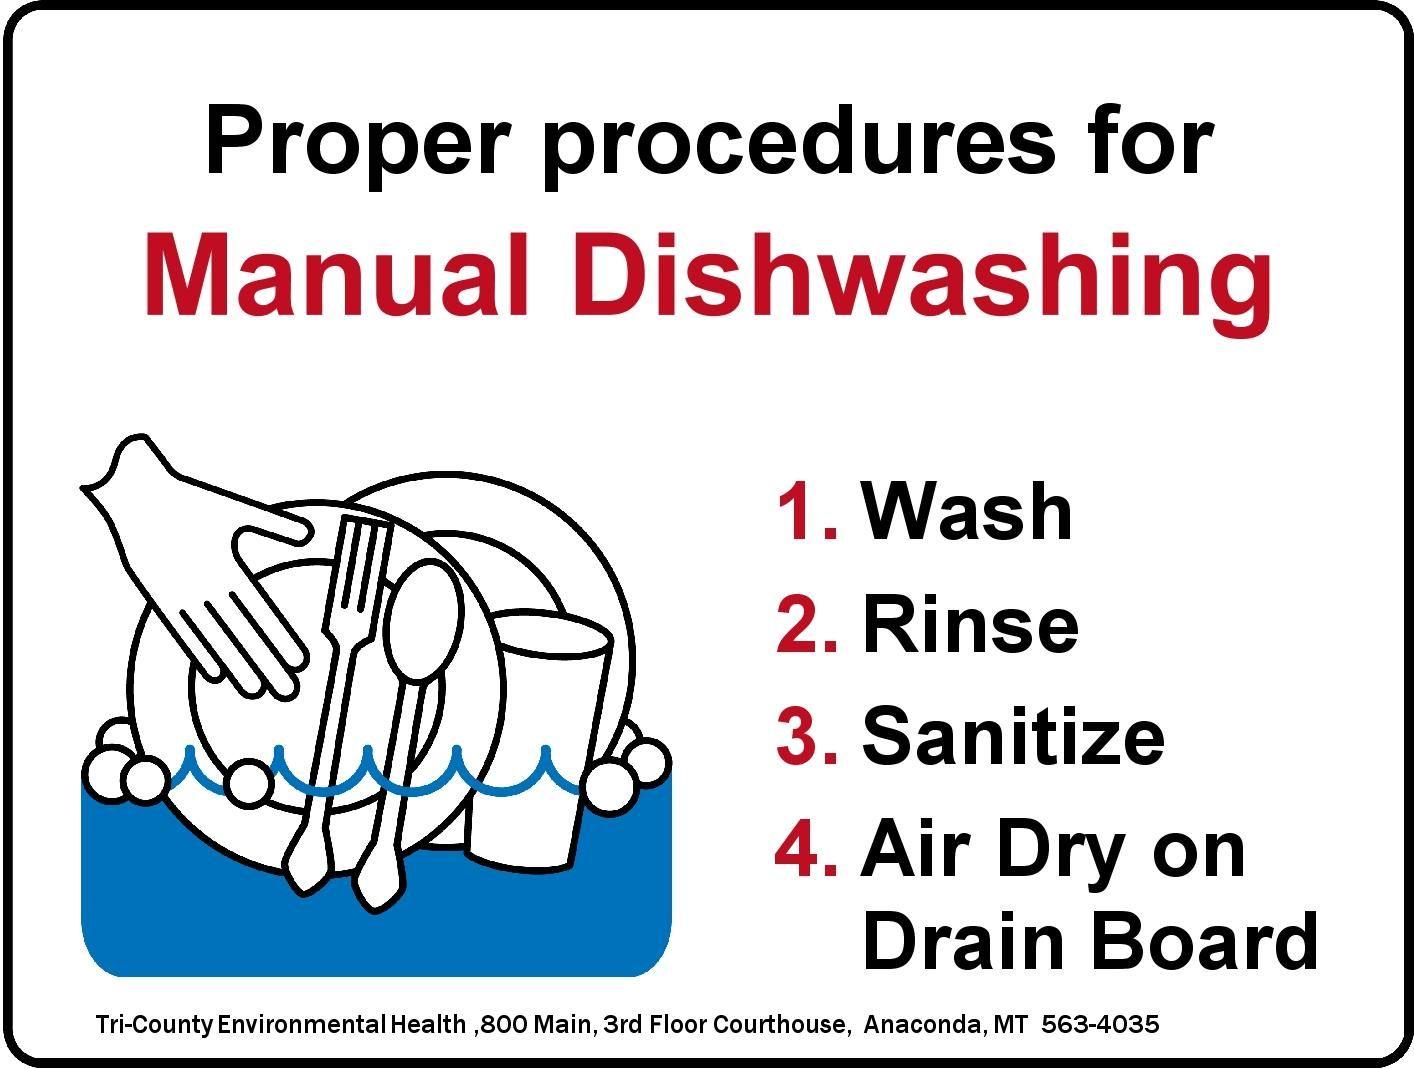 Manual Dishwashing Kitchen Safety Signs